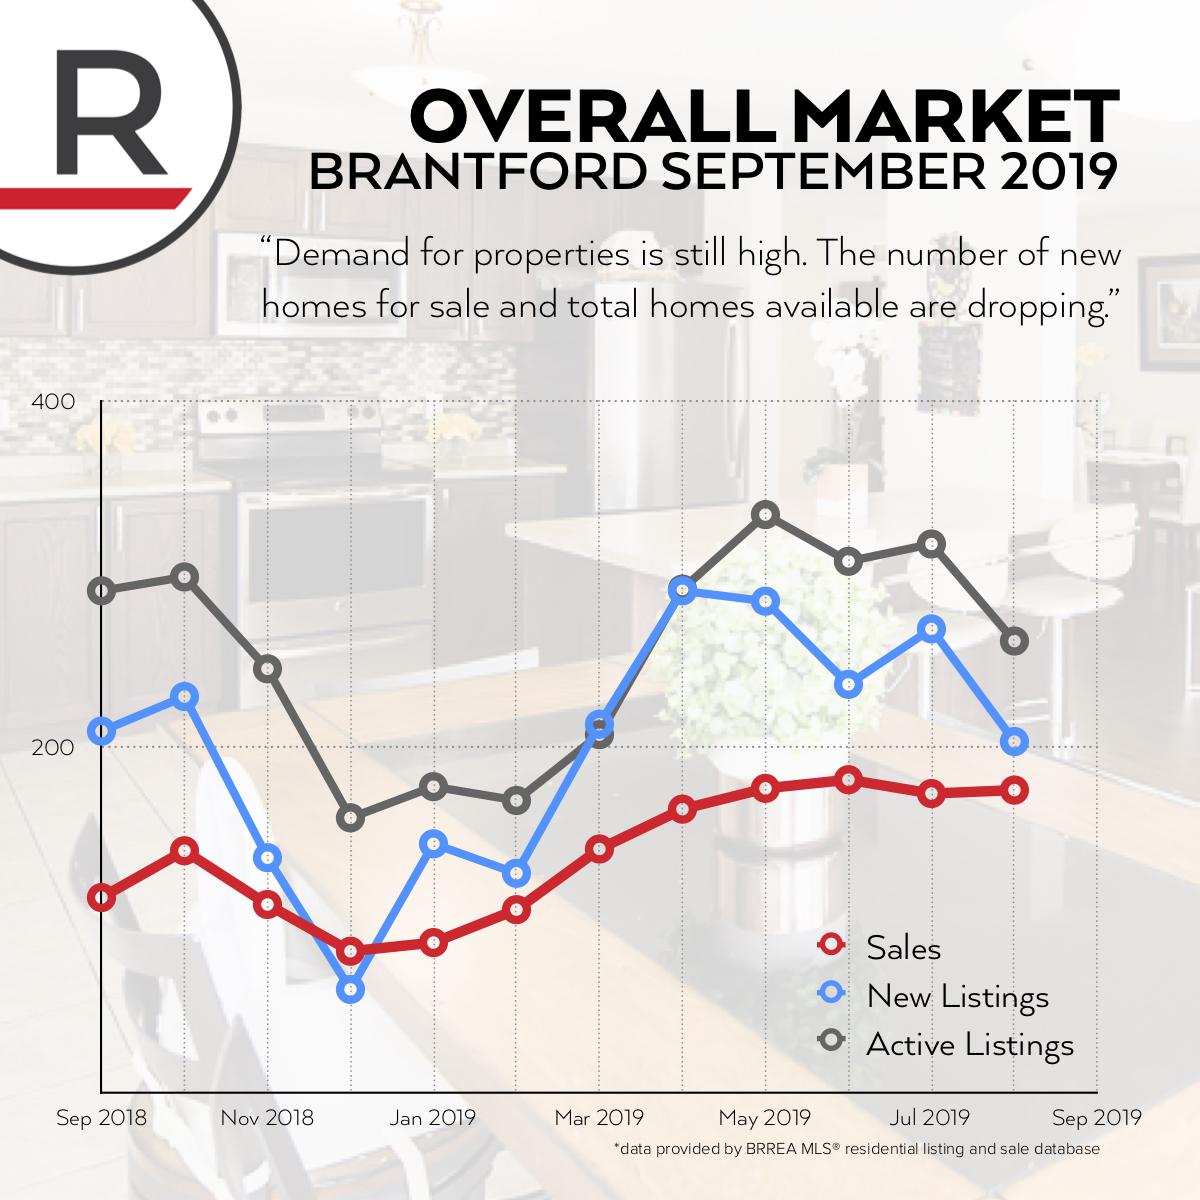 BrantfordOverall-MarketReport-Sept2019.jpg